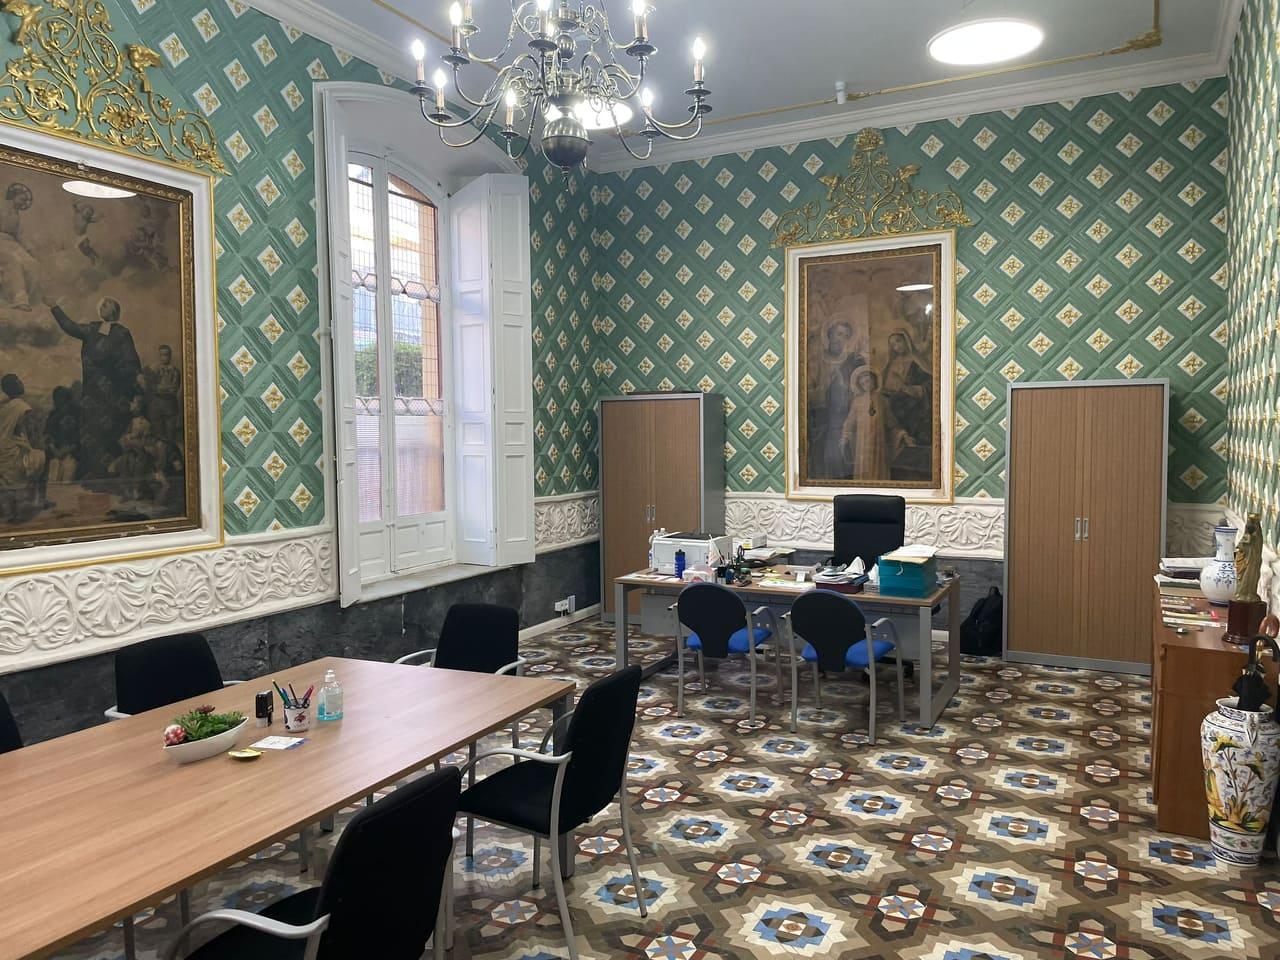 El salón regio, una de las zonas originales del edificio, ha sido recientemente restaurado.